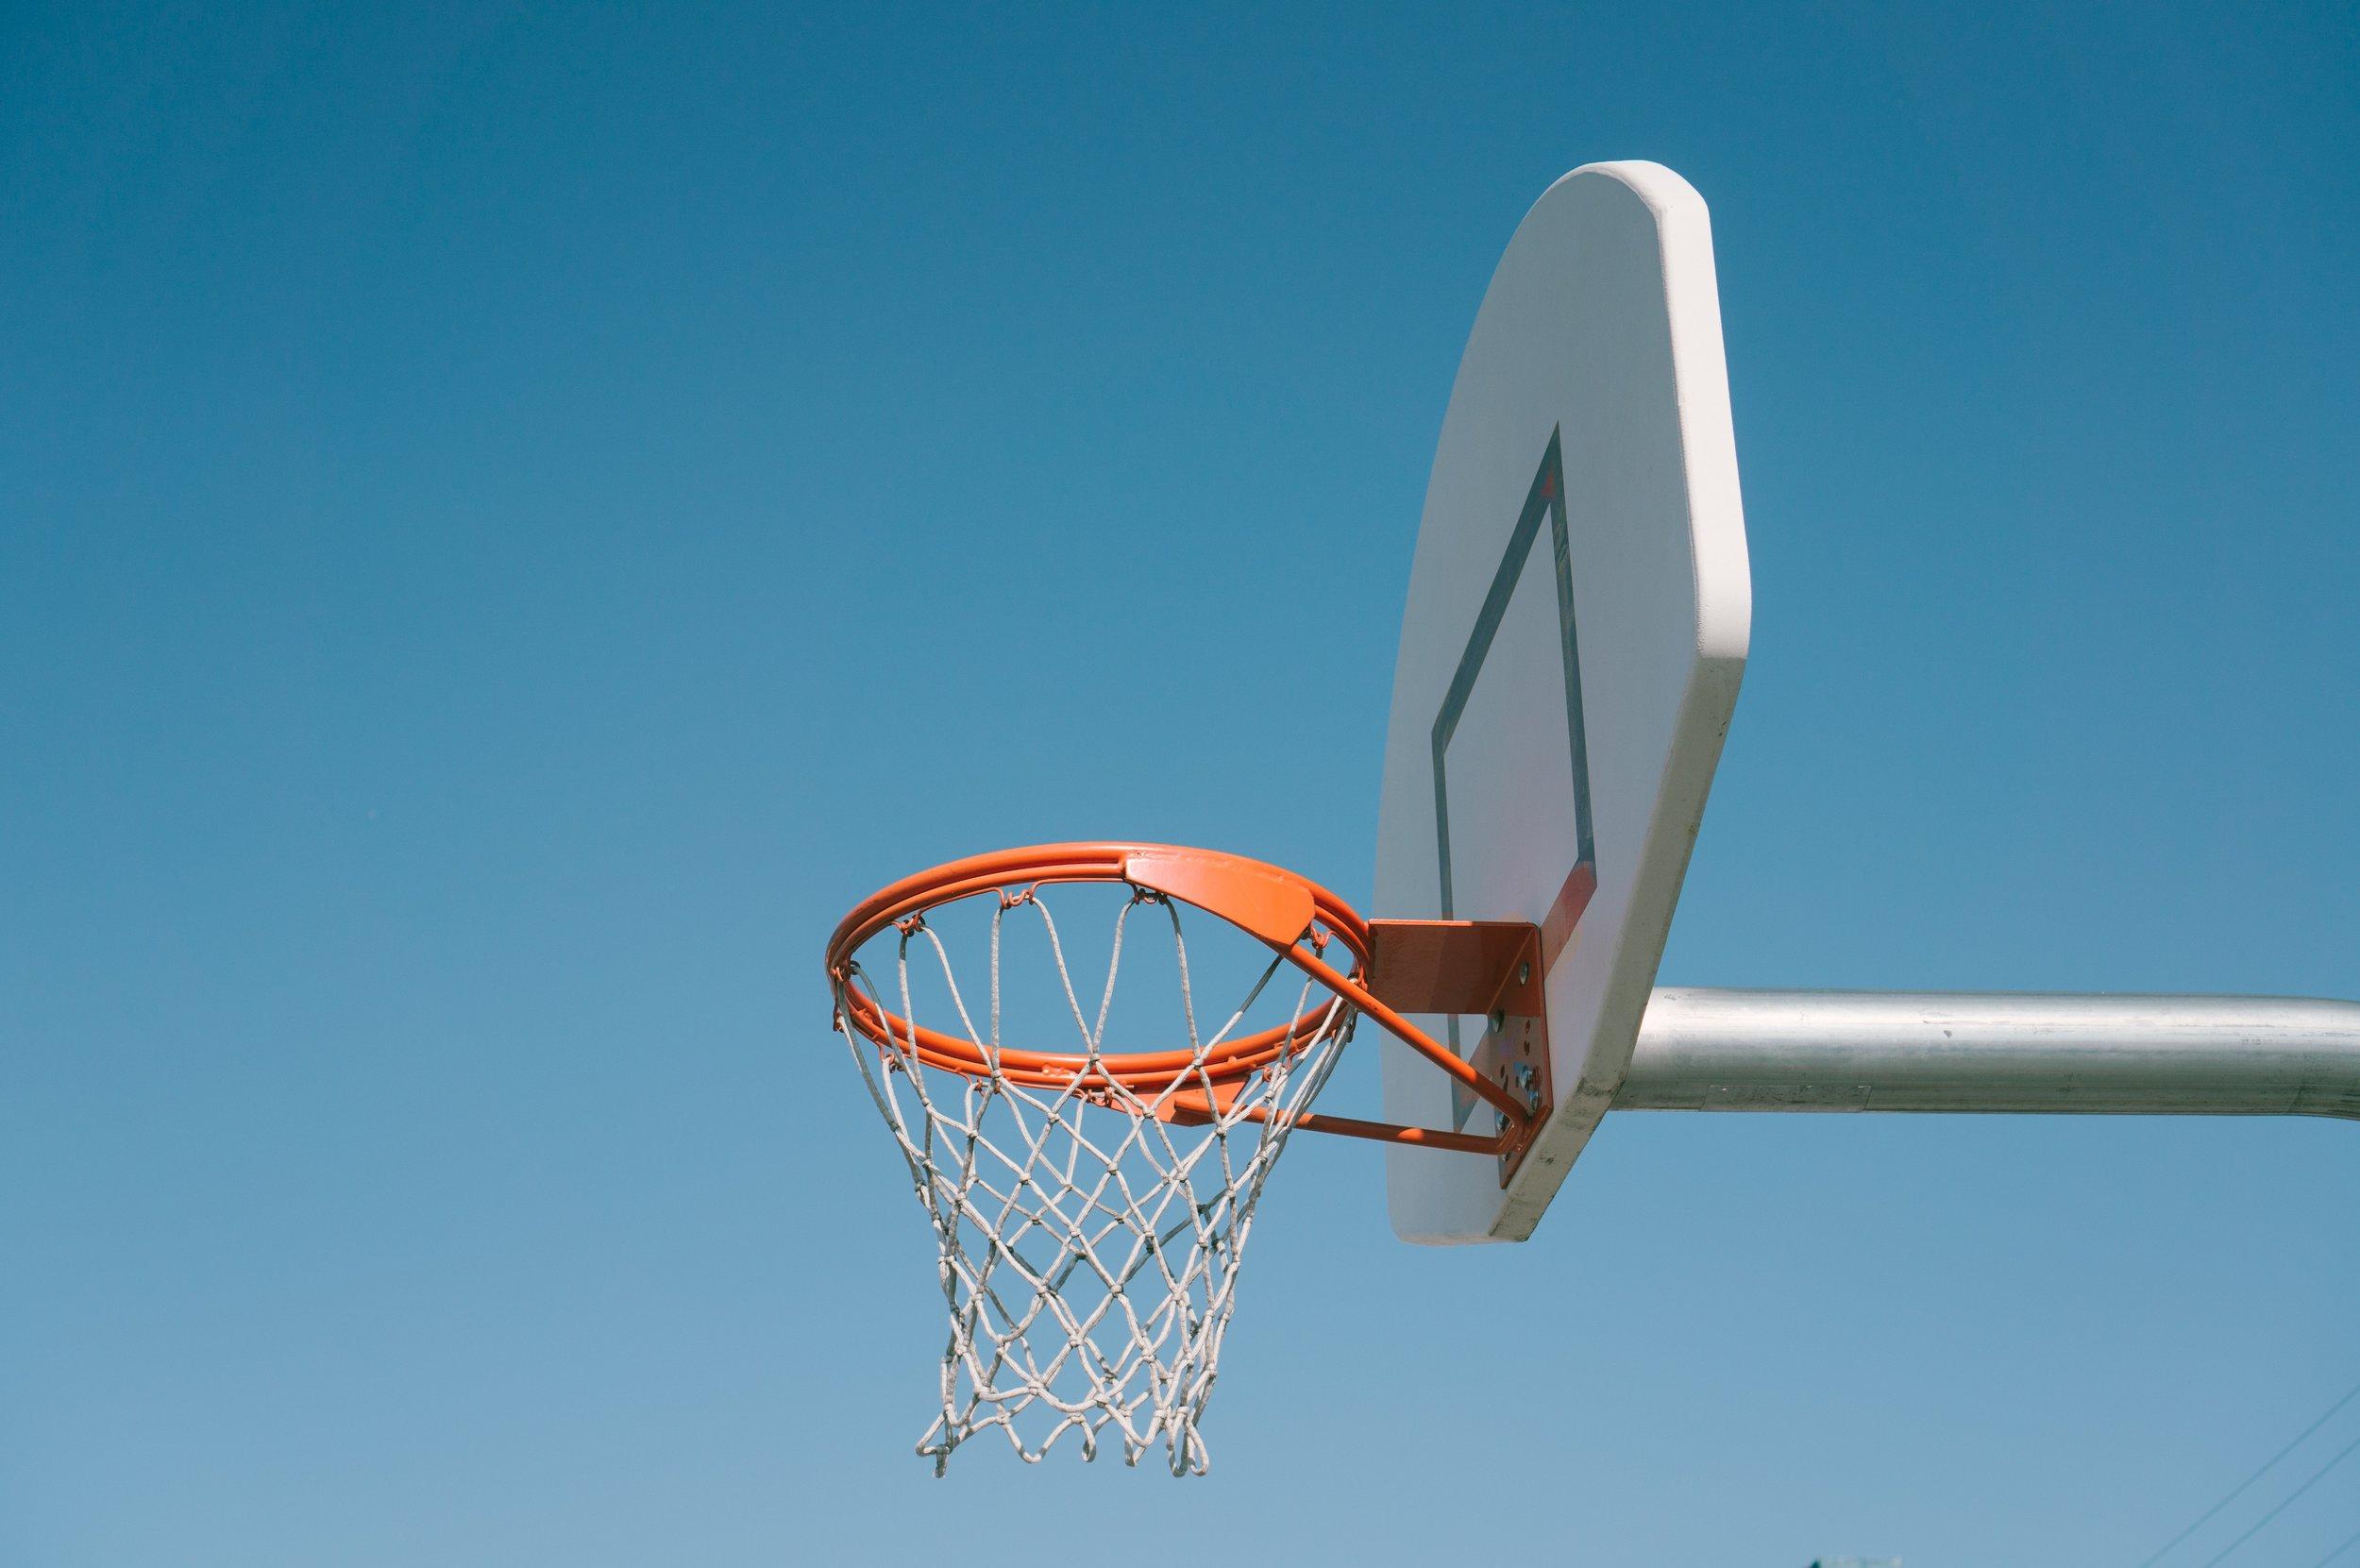 basketball hoop.jpg